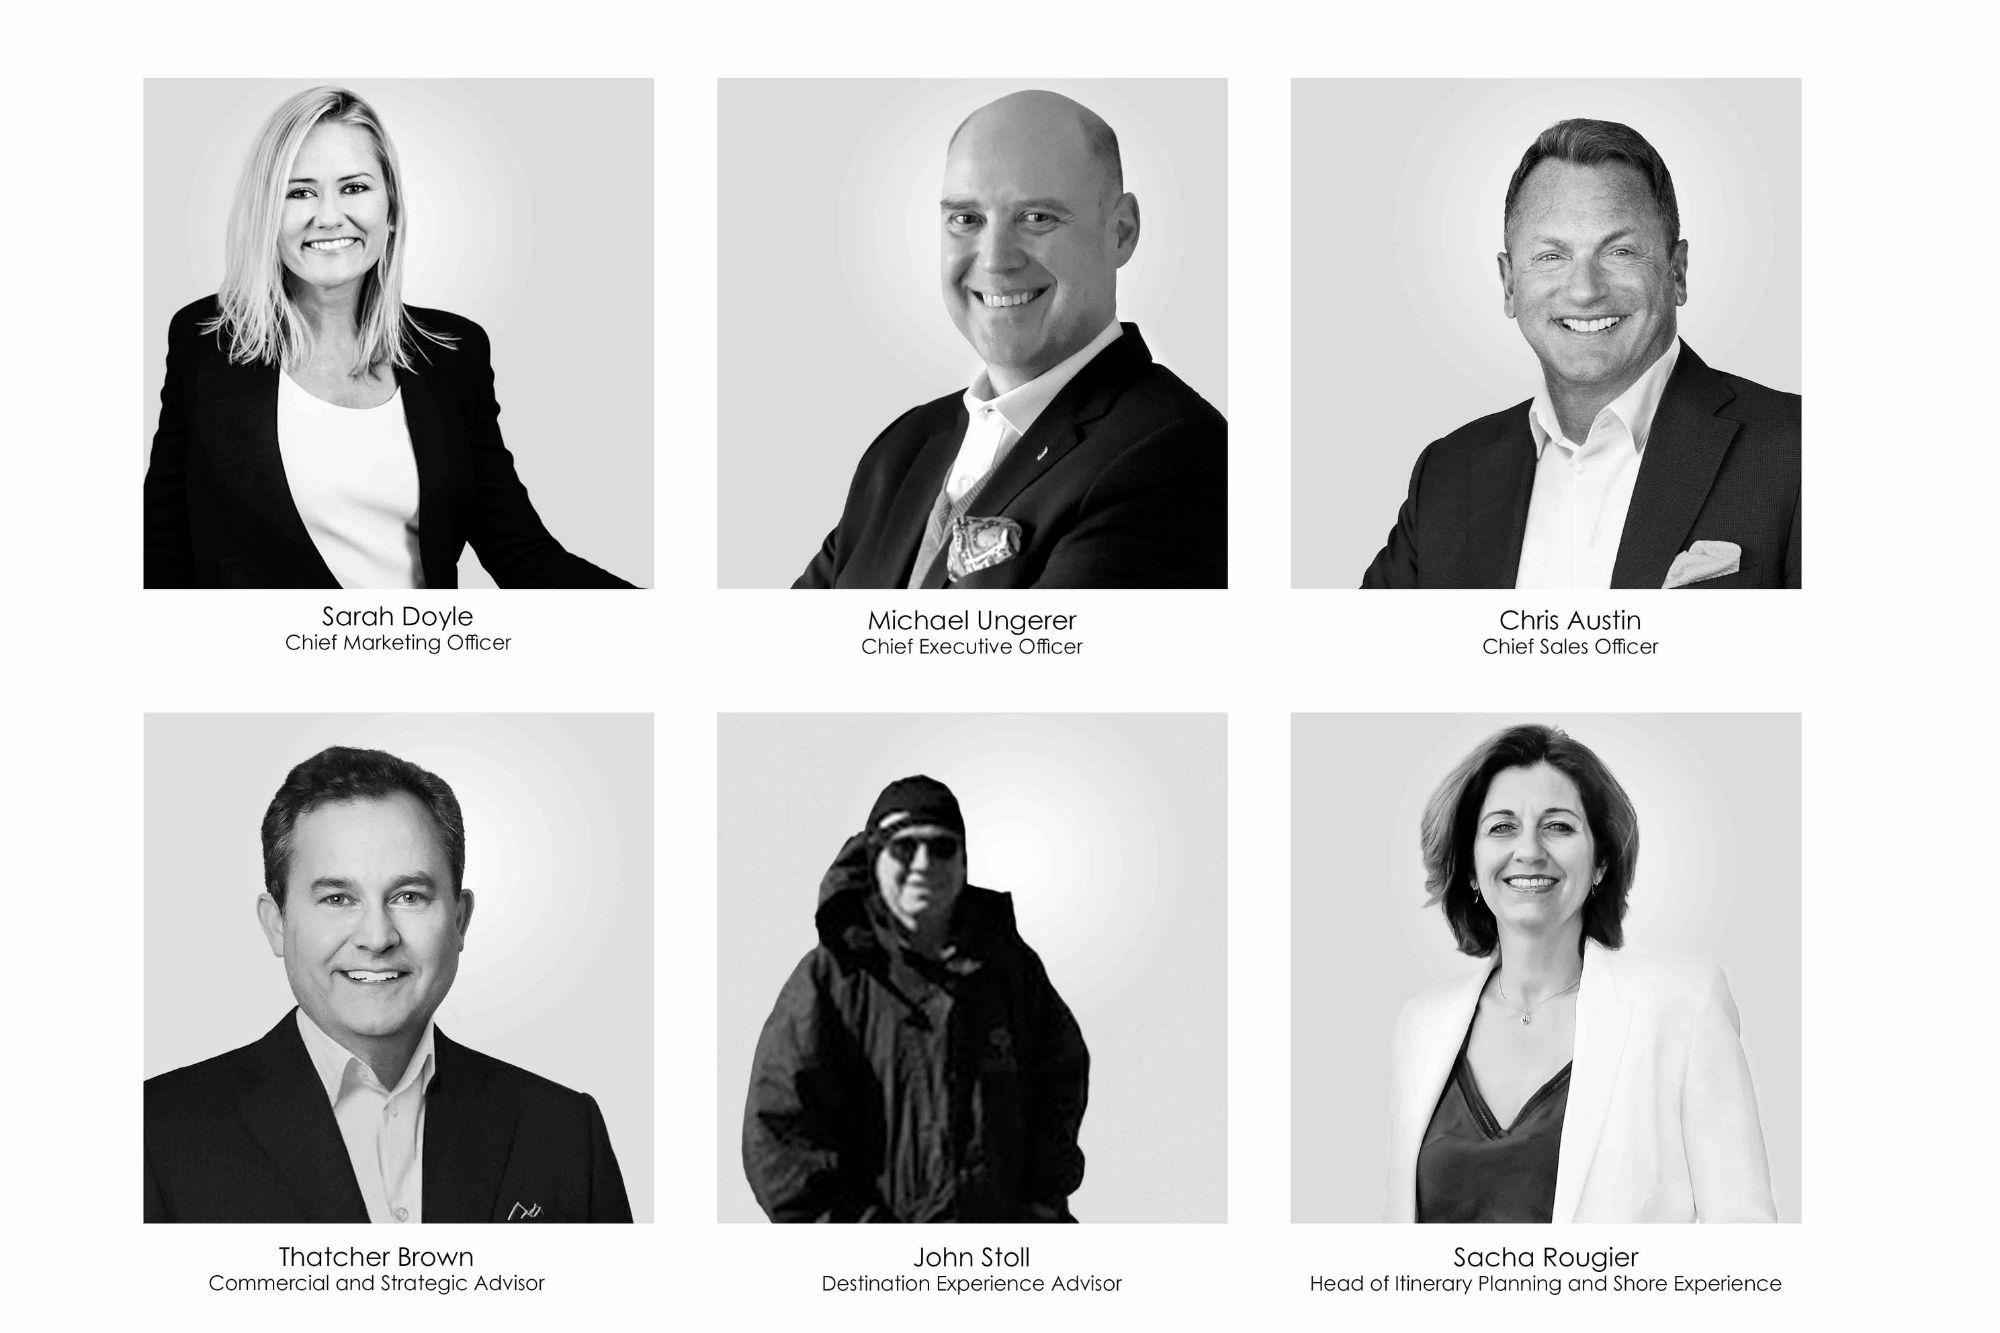 MSC ernennt fünf Führungskräfte für seine neue Luxus-Kreuzfahrtmarke